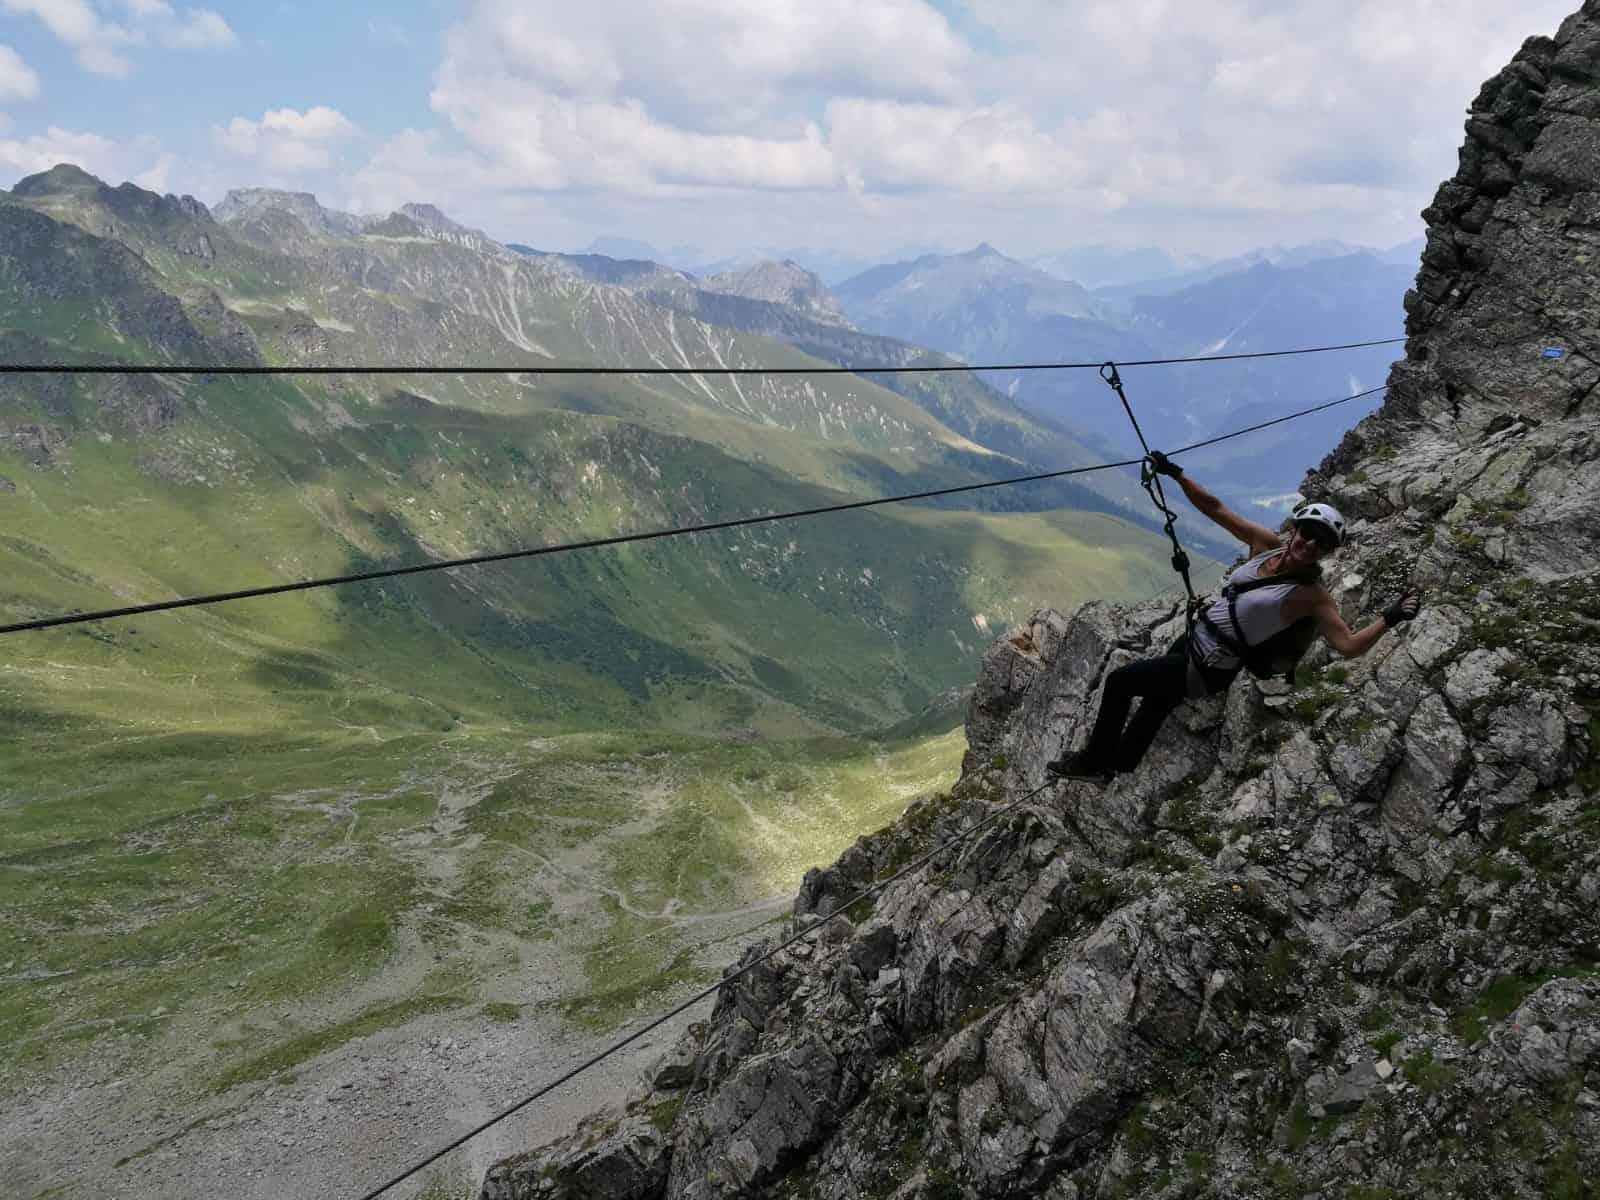 Tolle Tipps für einen aktiven Urlaub in Vorarlberg!